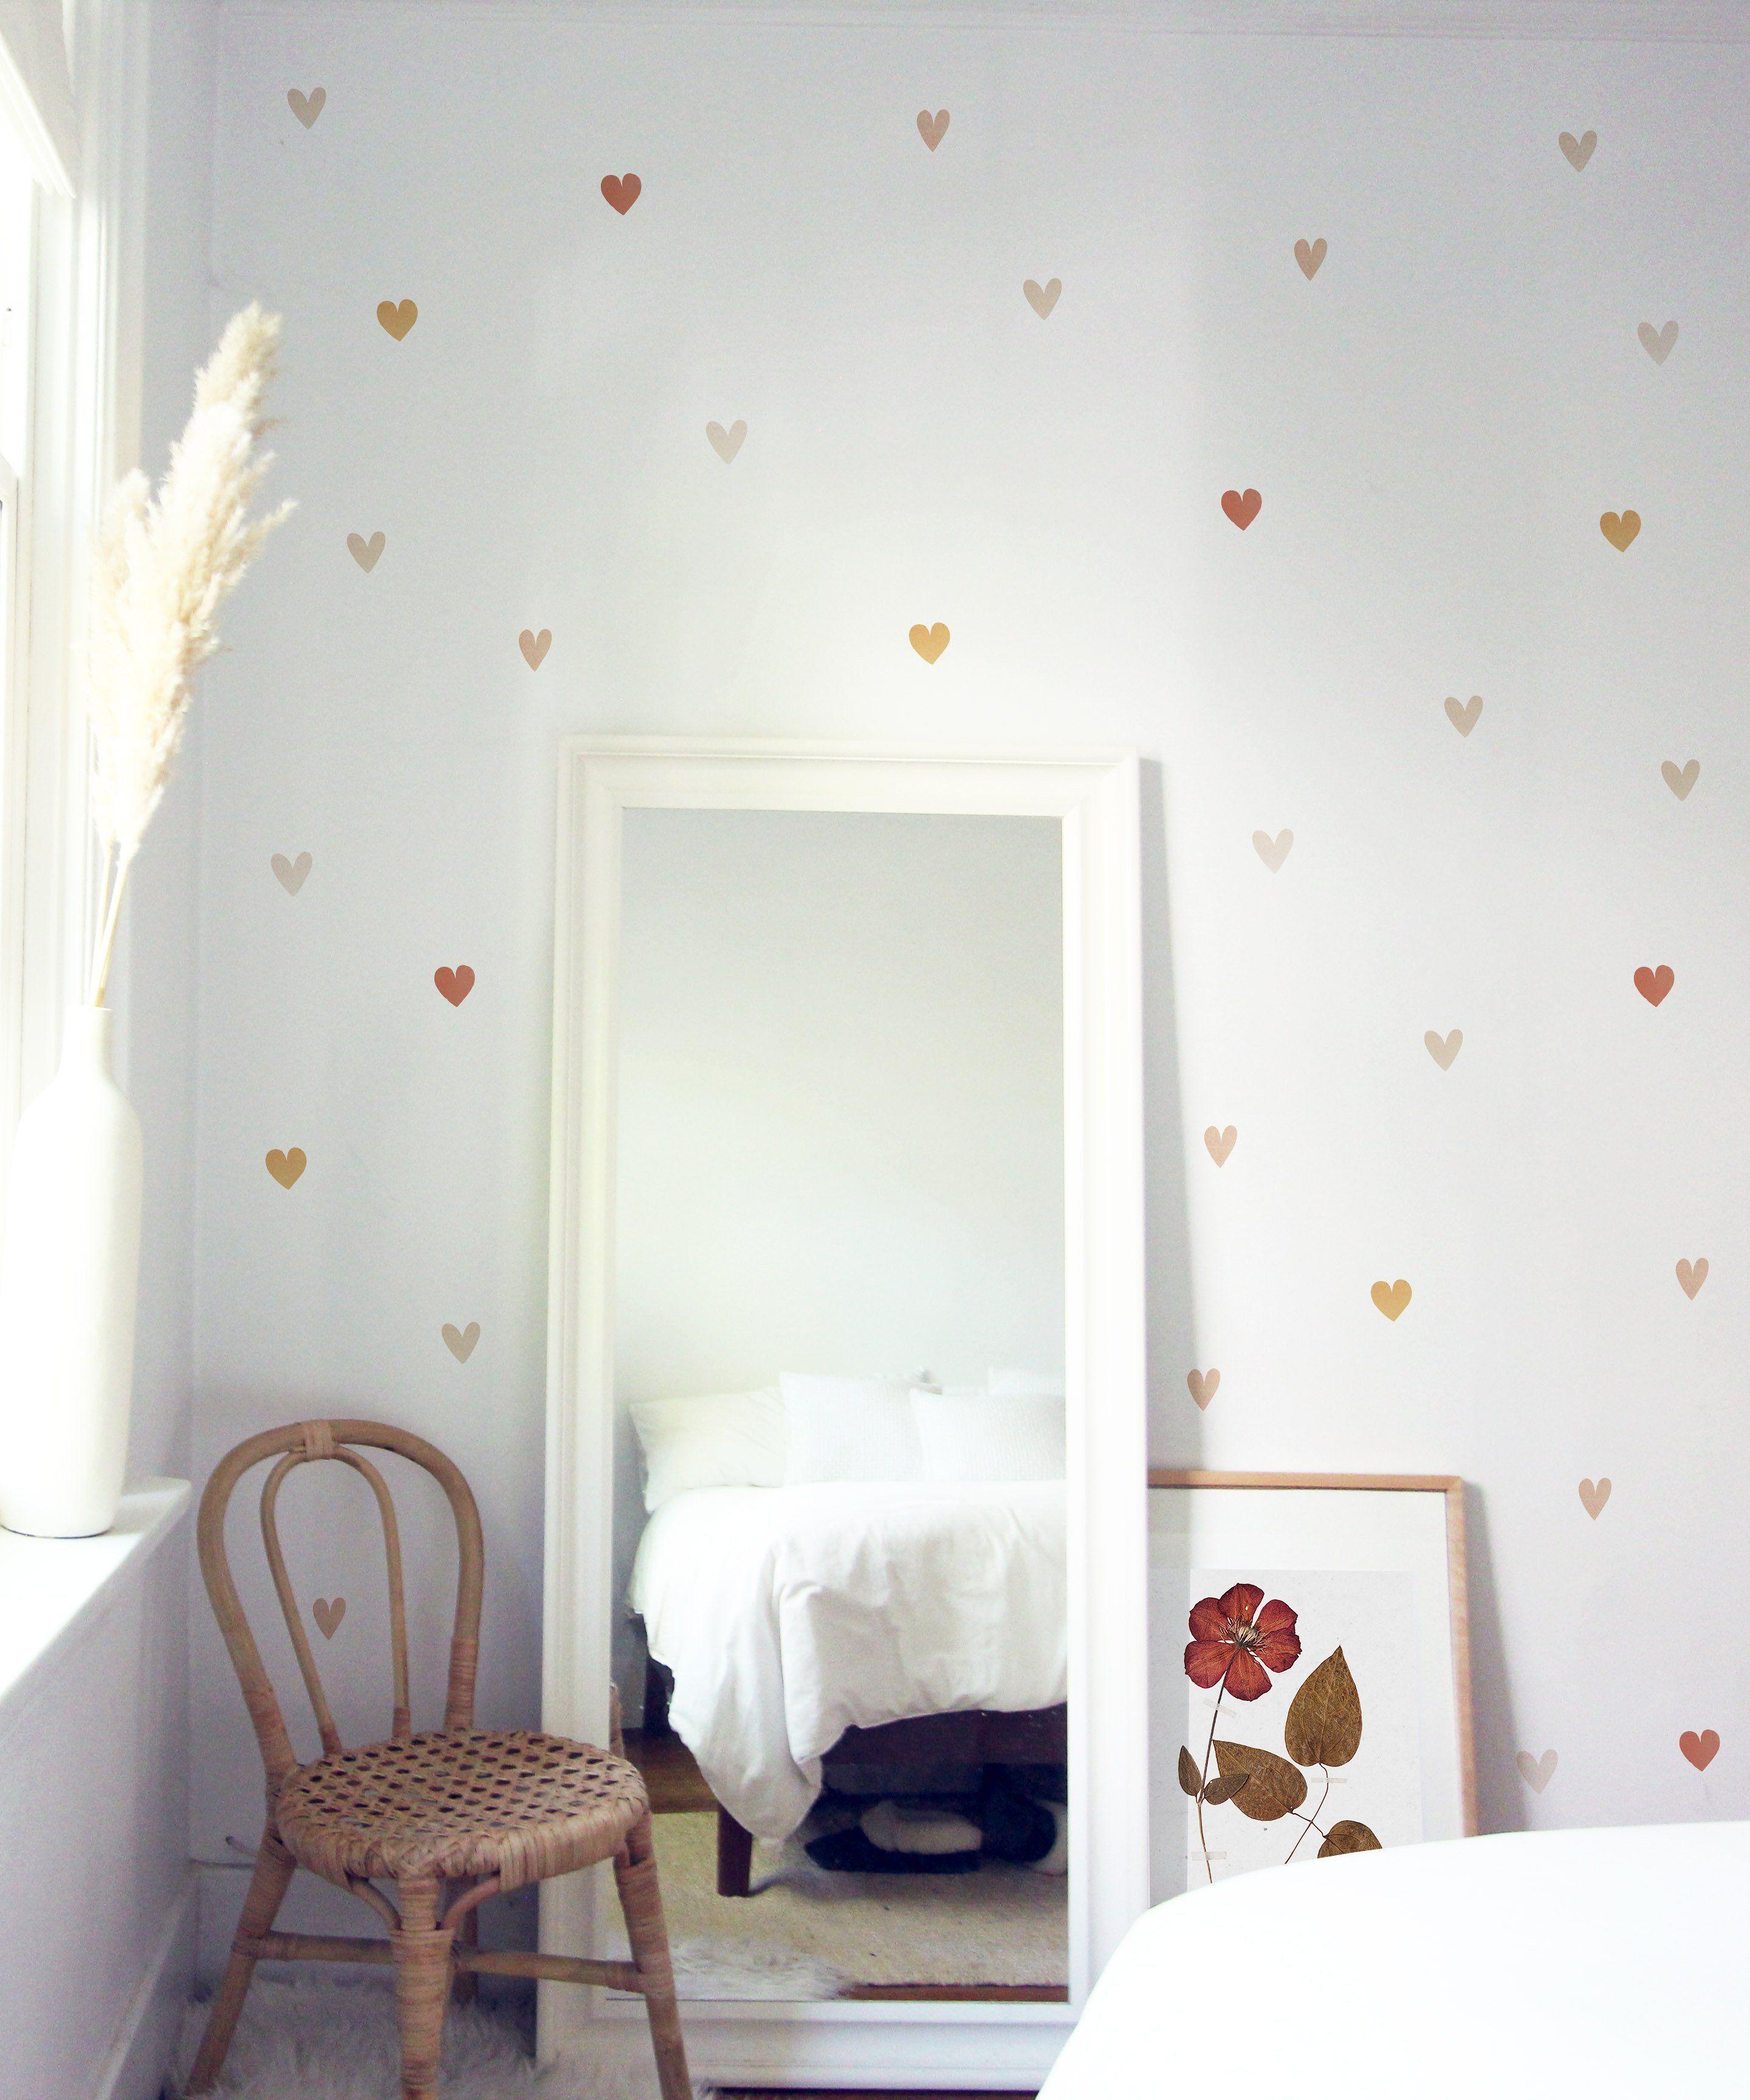 Wallpaper Kids Hearts and Darts Wallpaper Heart Wallpaper Child Wallpaper Childrens Wallpaper Nursery Wallpaper Kids Wallpaper